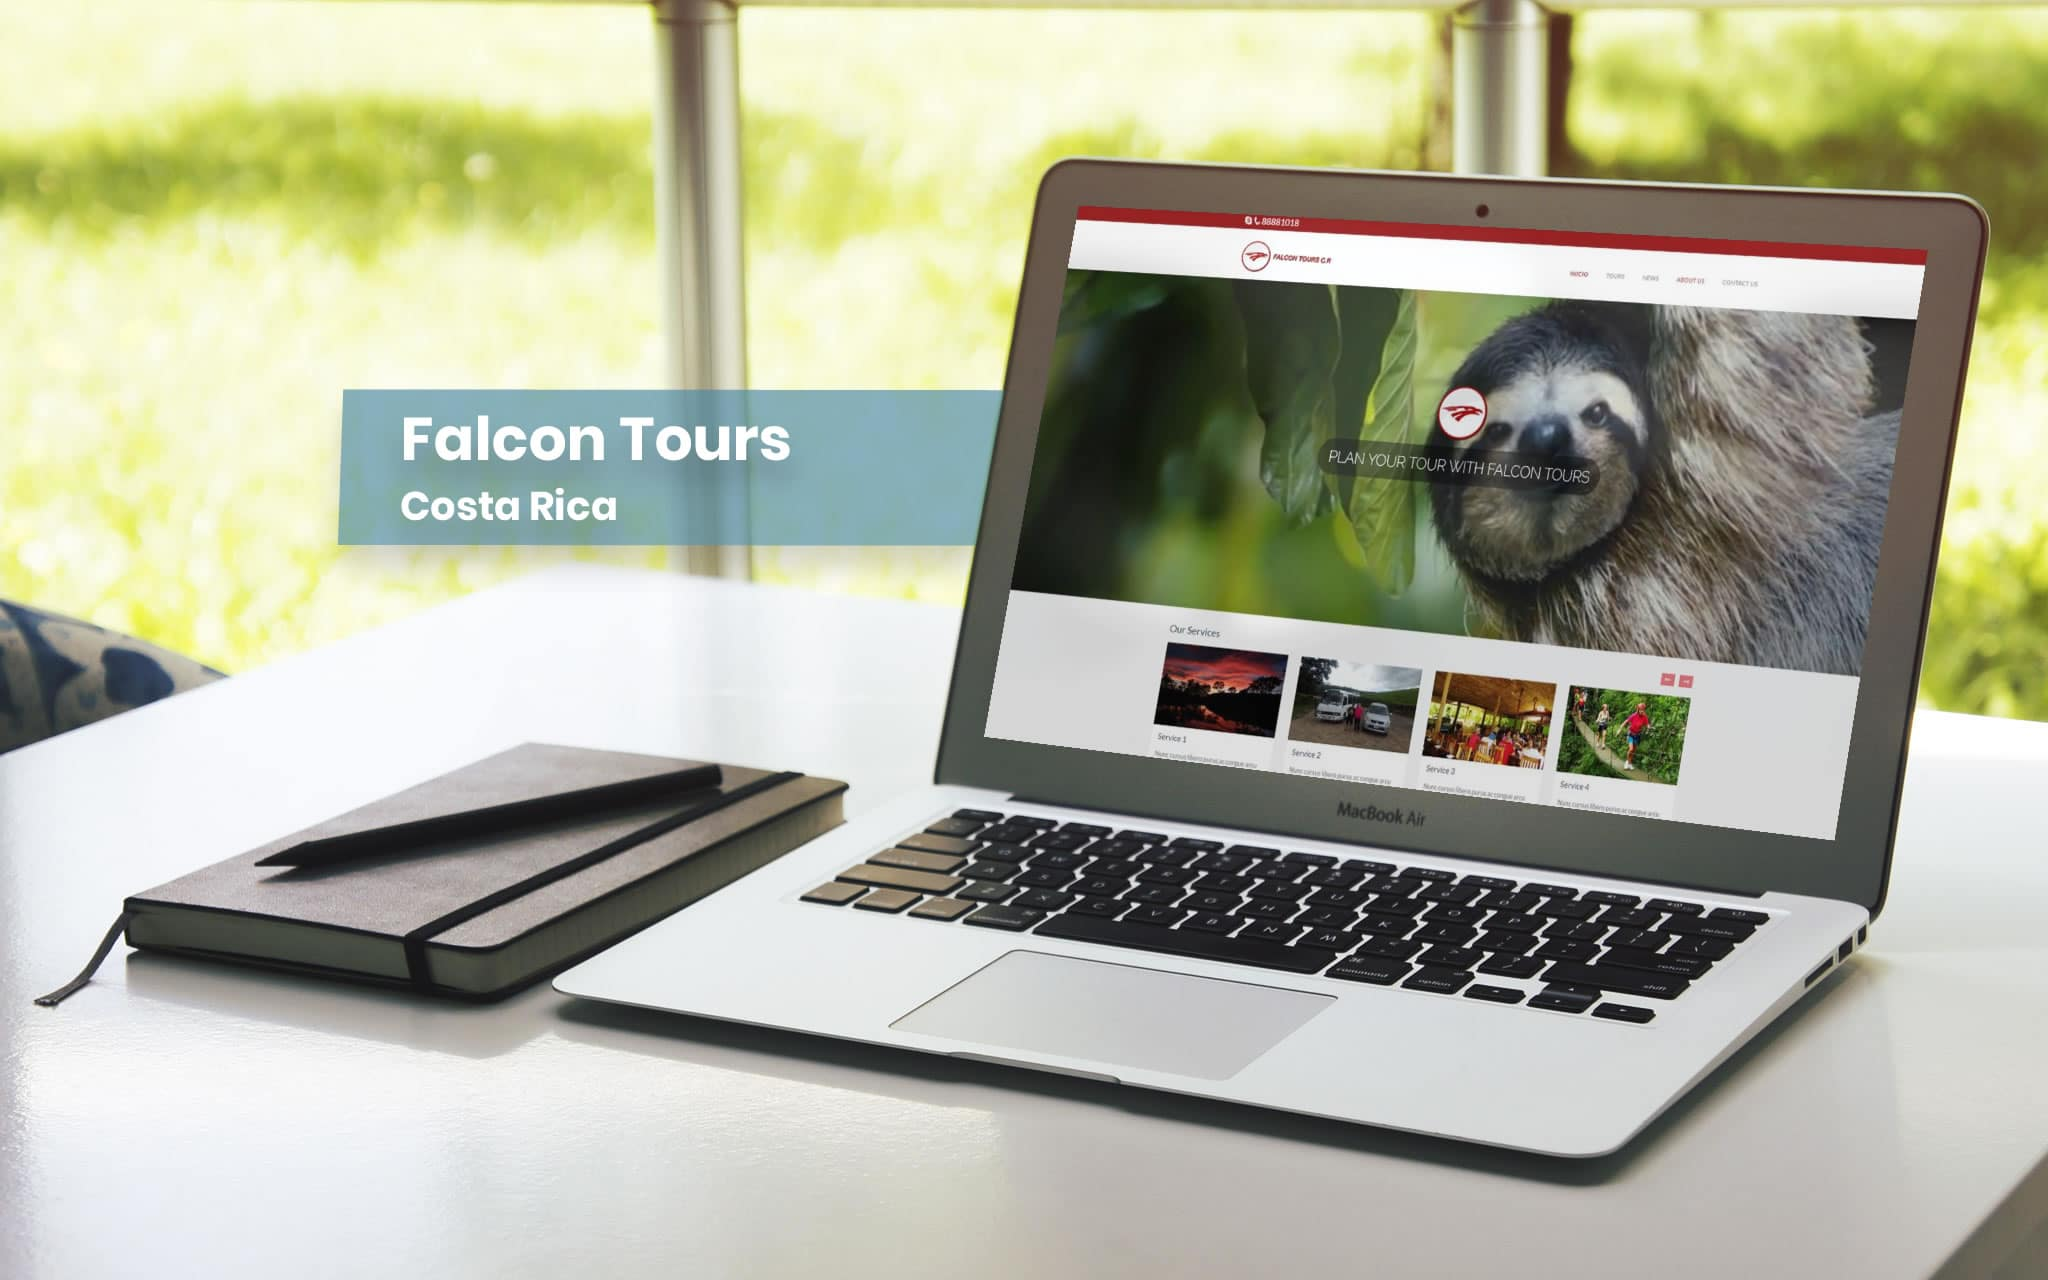 Falcon Tours - Costa Rica